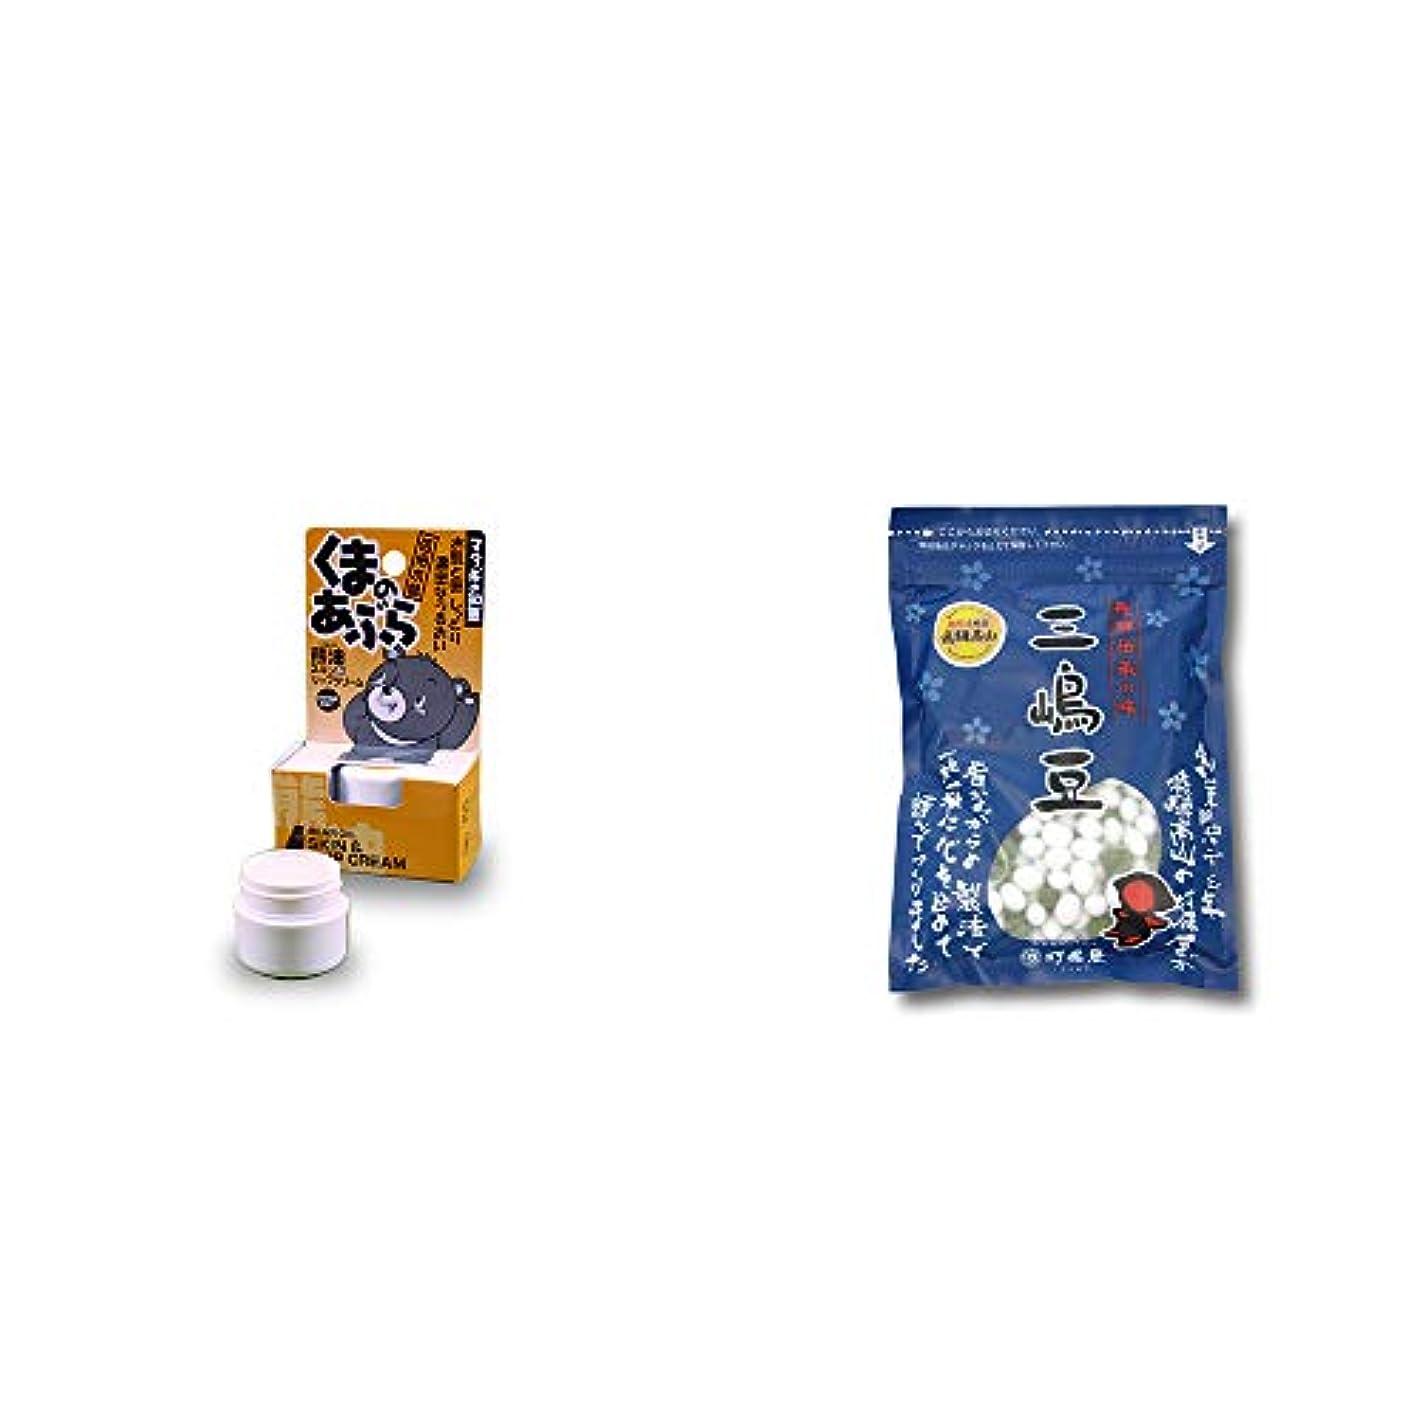 [2点セット] 信州木曽 くまのあぶら 熊油スキン&リップクリーム(9g)?飛騨 打保屋 駄菓子 三嶋豆(150g)